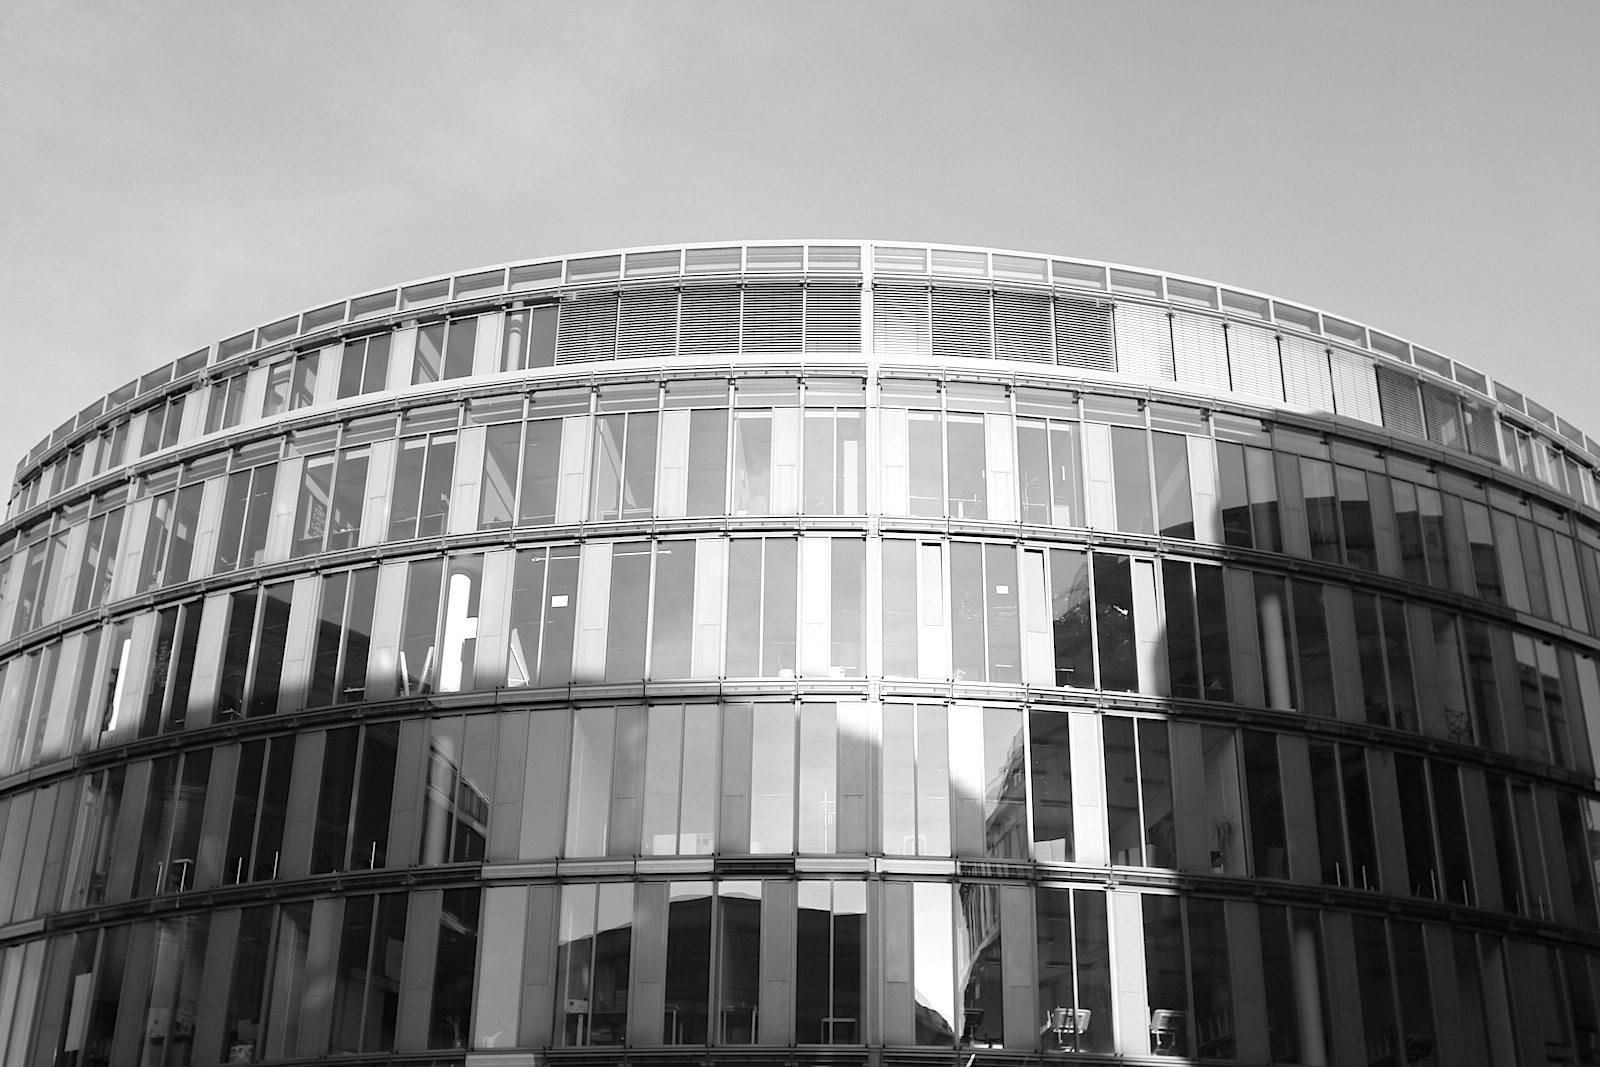 Im MediaPark 4 - Forum, 2003. Herman Hertzberger, Amsterdam. In diesem Bauprojekt ist das traditionelle Prinzip des klassischen Stadtblocks mit seinen formellen Außenfronten und den privaten Innenbereichen buchstäblich von innen nach außen gekehrt: die Innenseiten werden zu Außenseiten und umgekehrt.